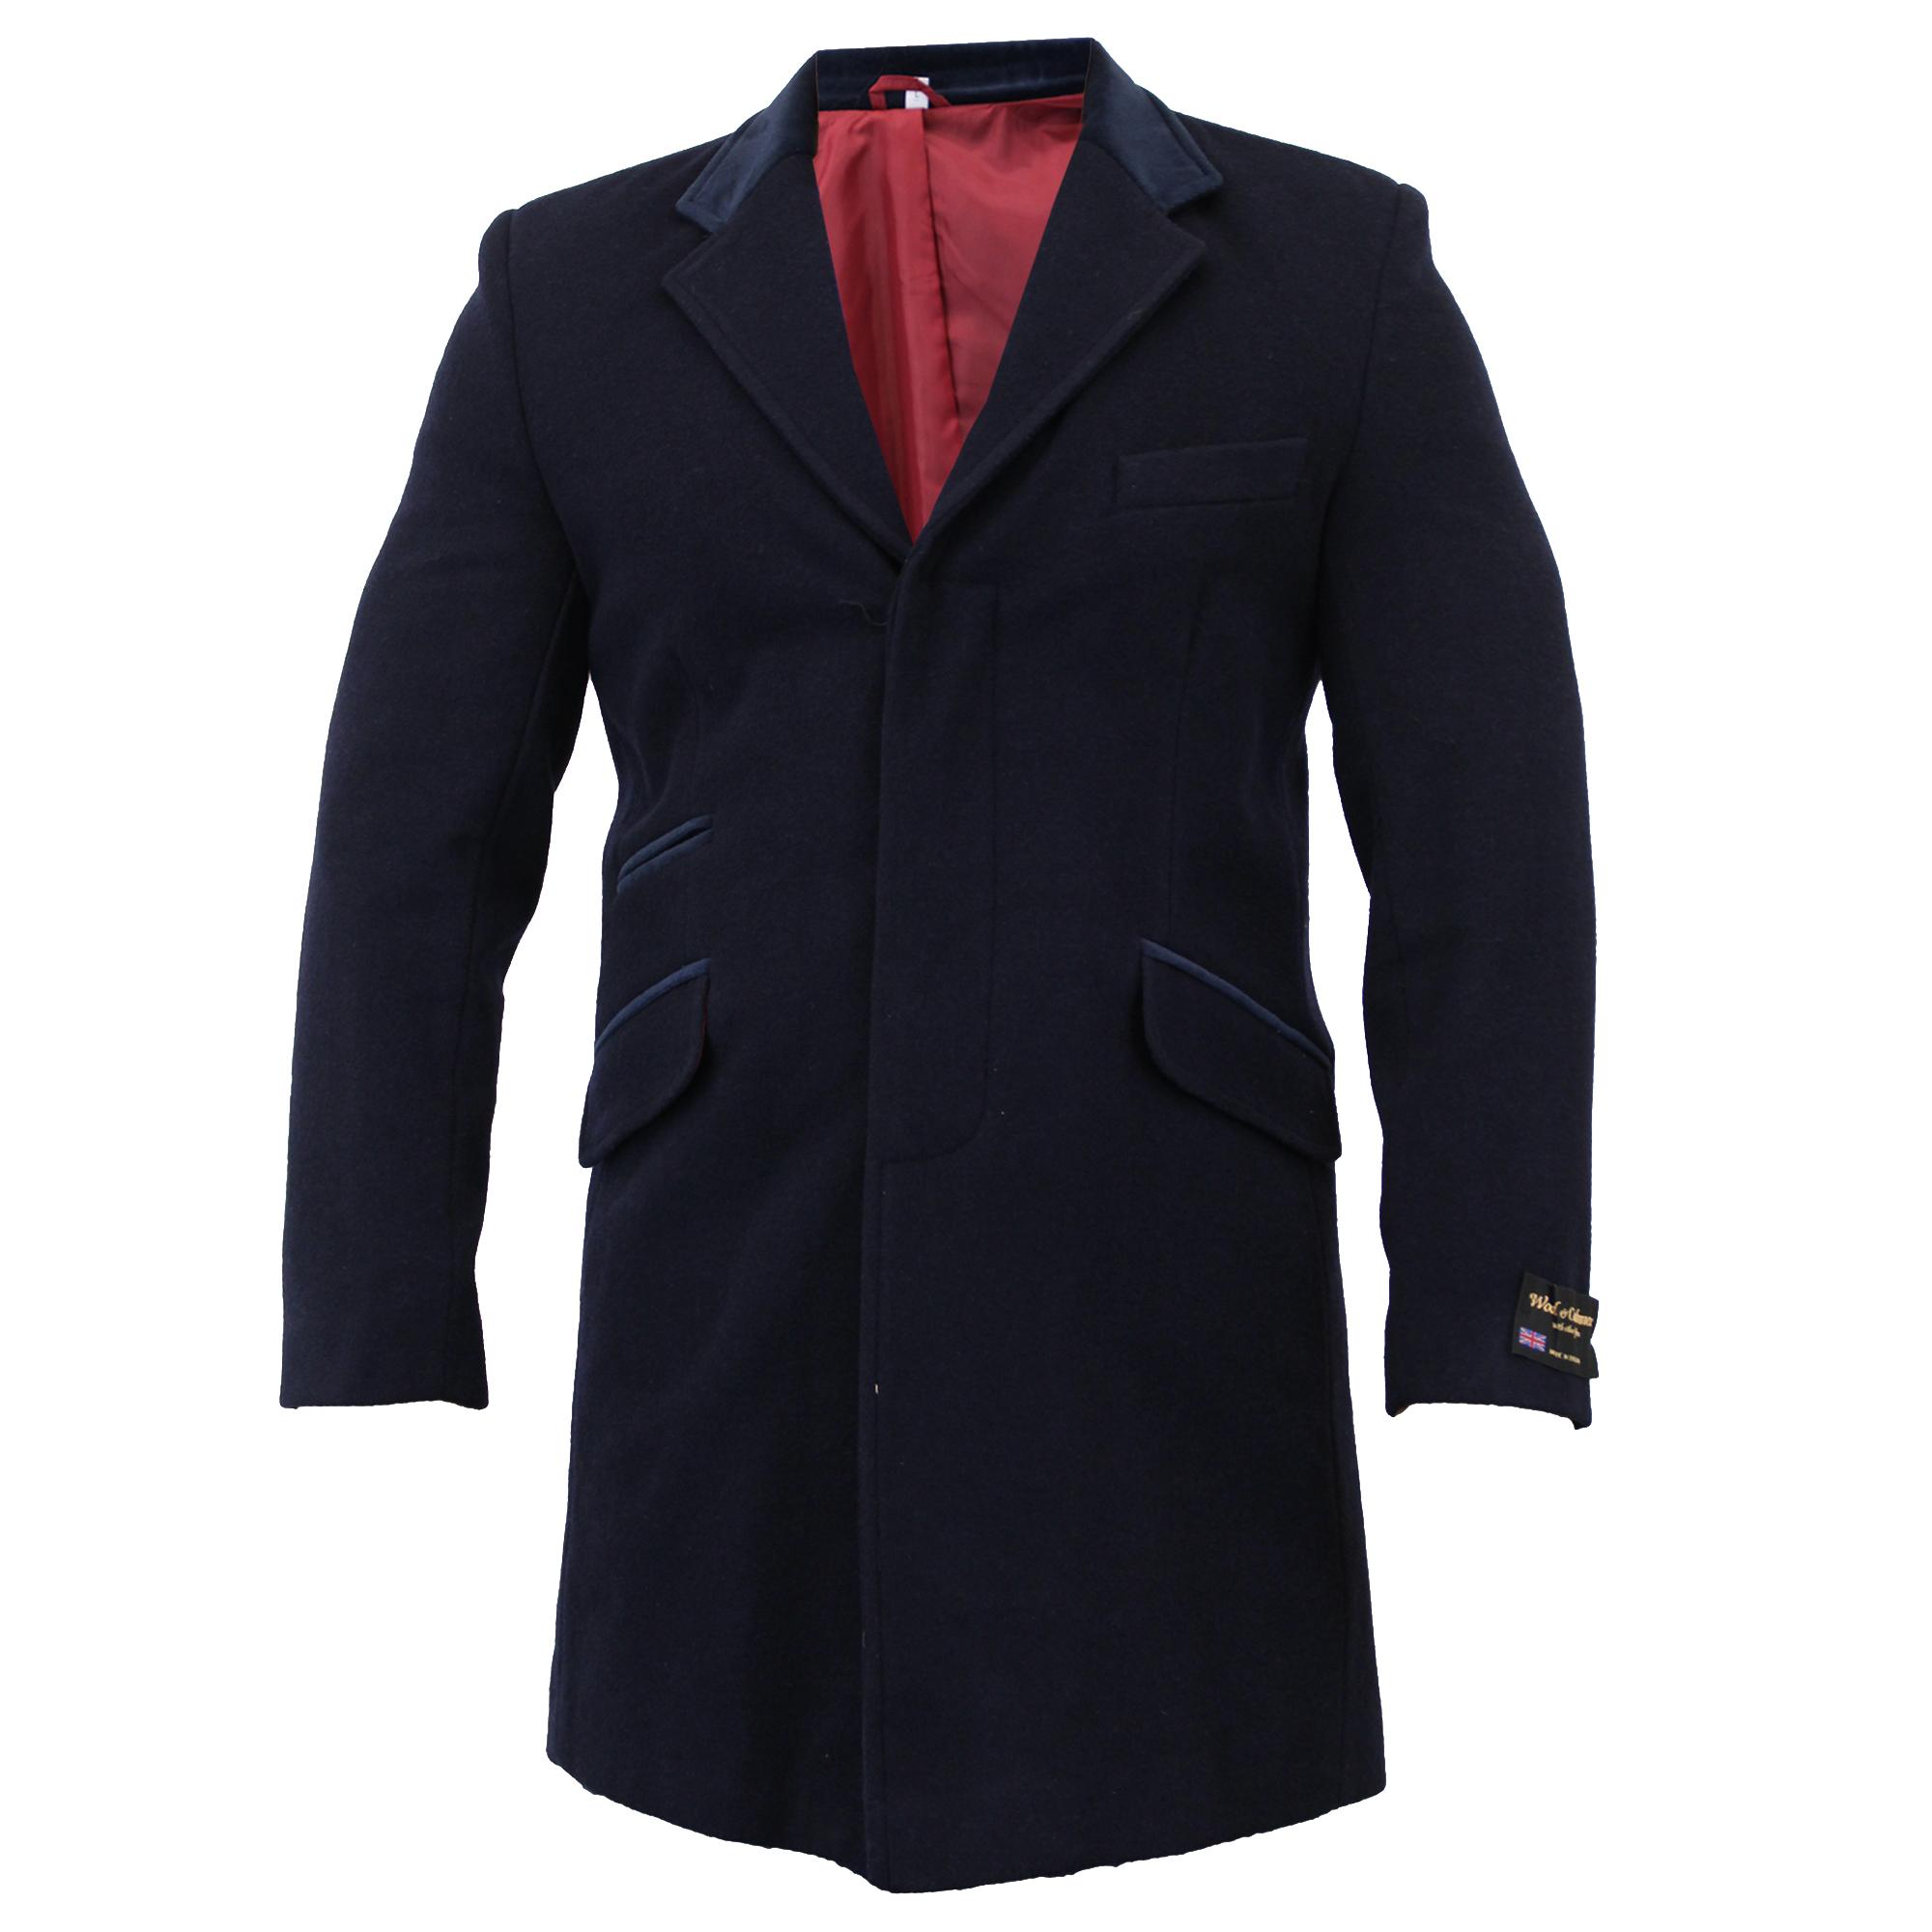 Para-Hombre-Abrigo-Chaqueta-de-lana-cashmere-Casual-abrigos-Abrigo-Trench-Forro-De-Invierno miniatura 19